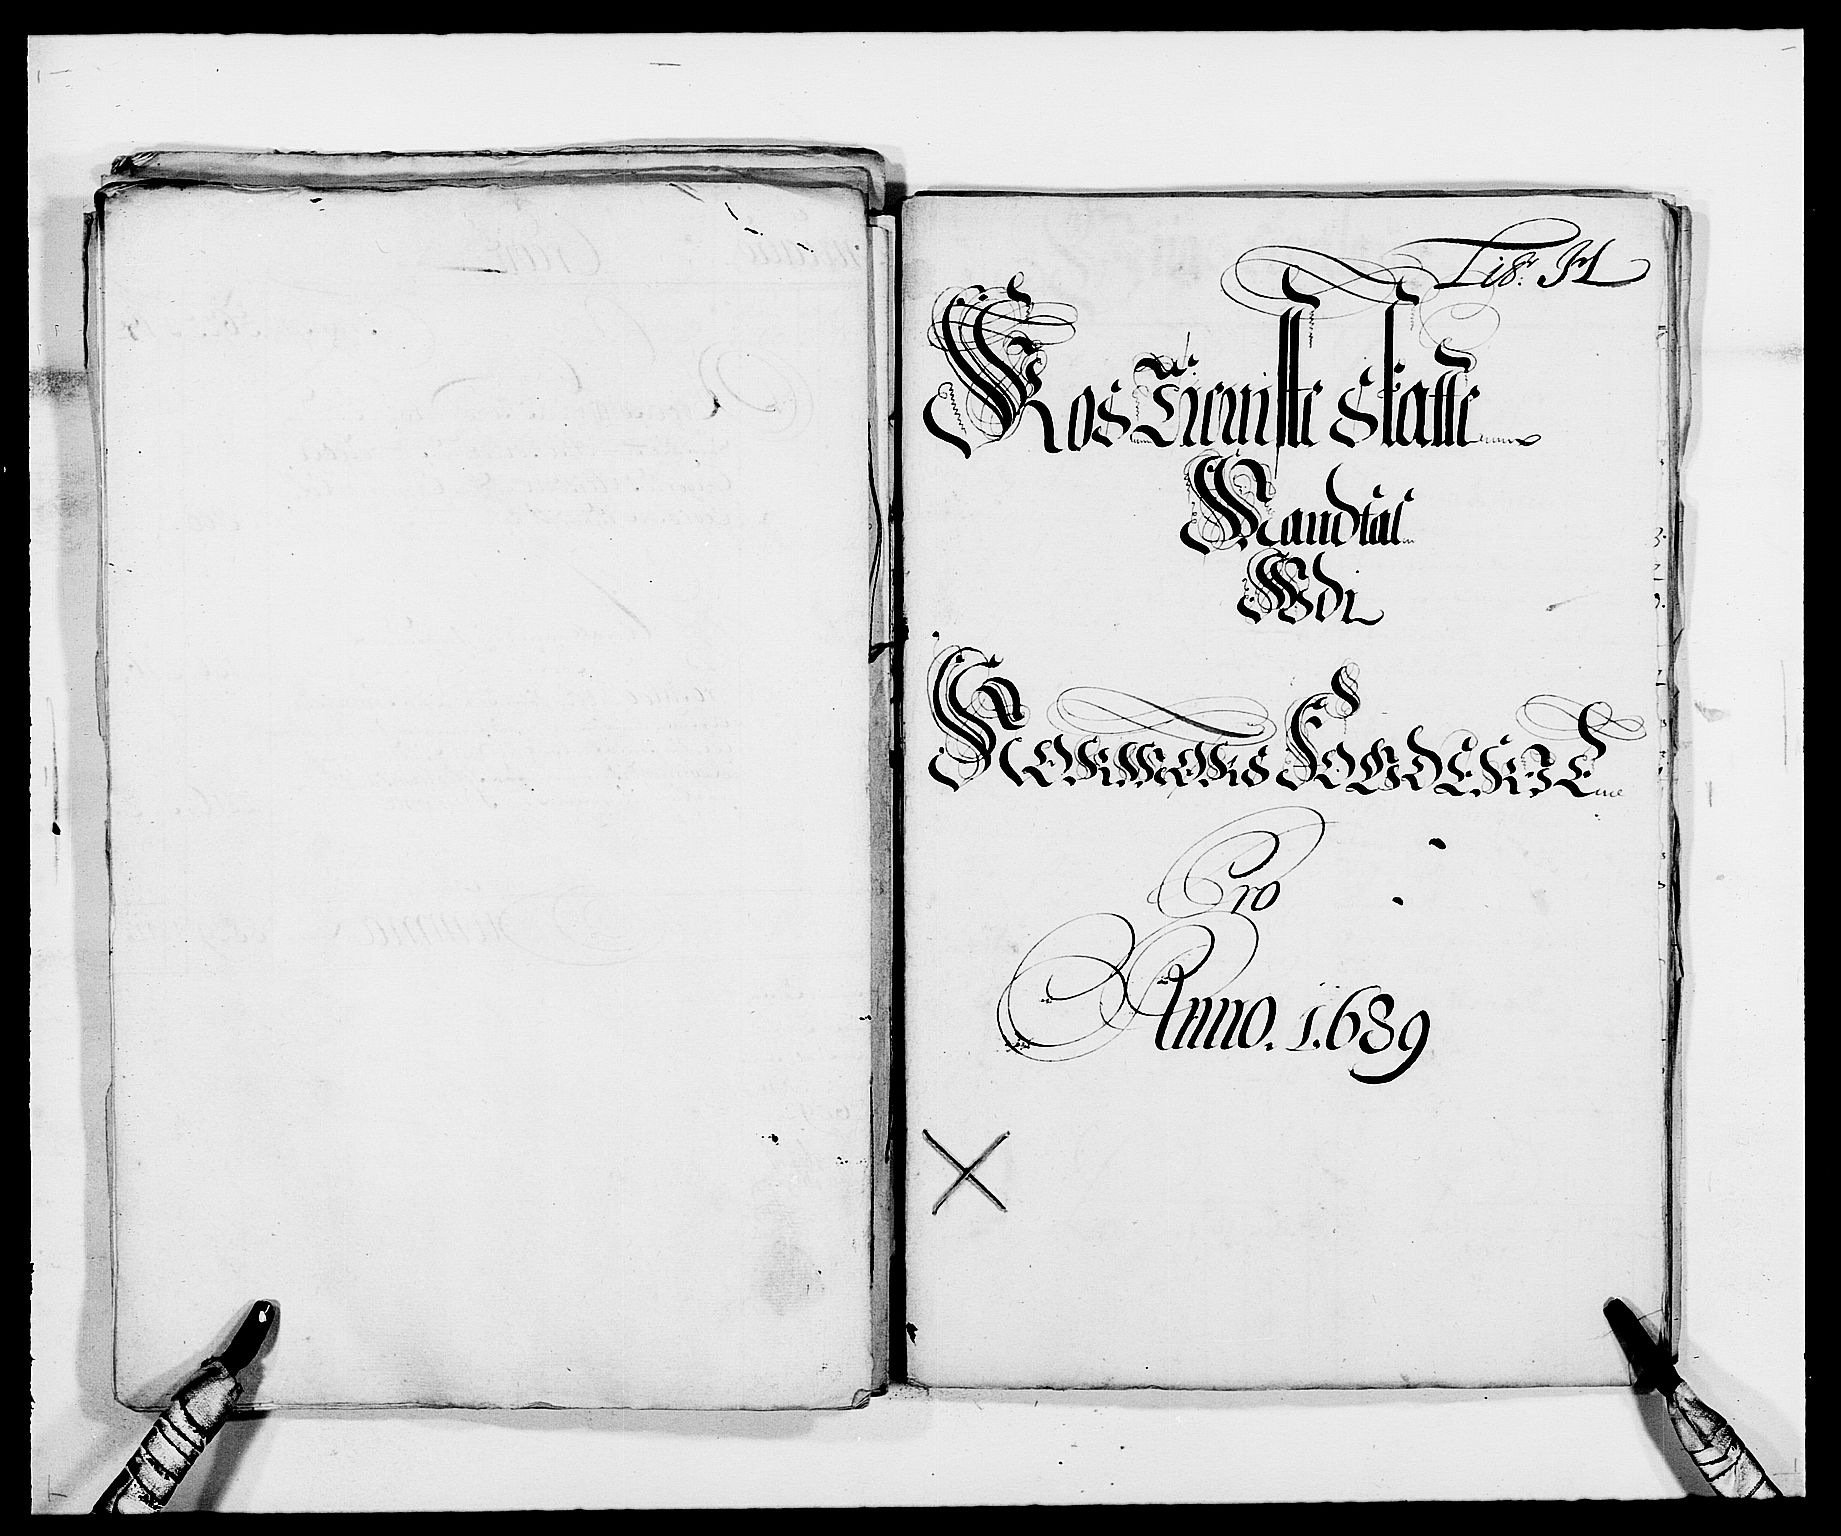 RA, Rentekammeret inntil 1814, Reviderte regnskaper, Fogderegnskap, R56/L3733: Fogderegnskap Nordmøre, 1687-1689, s. 394